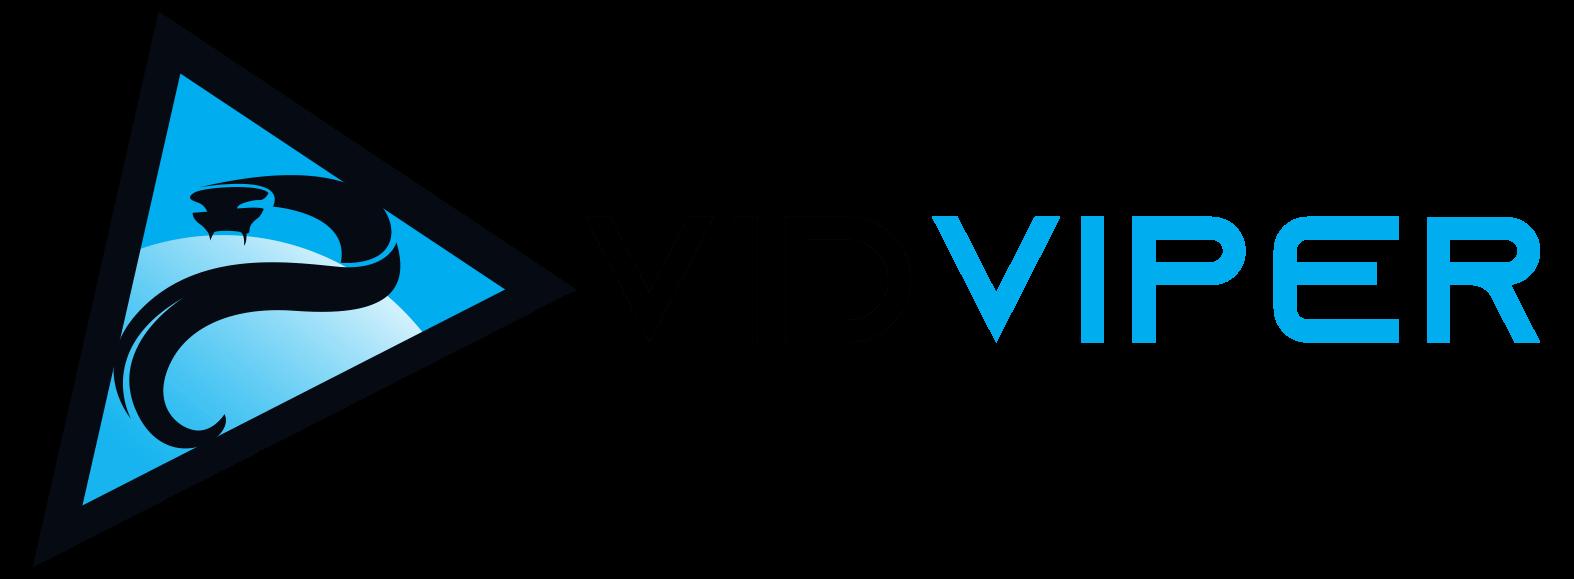 VidViper-Logo